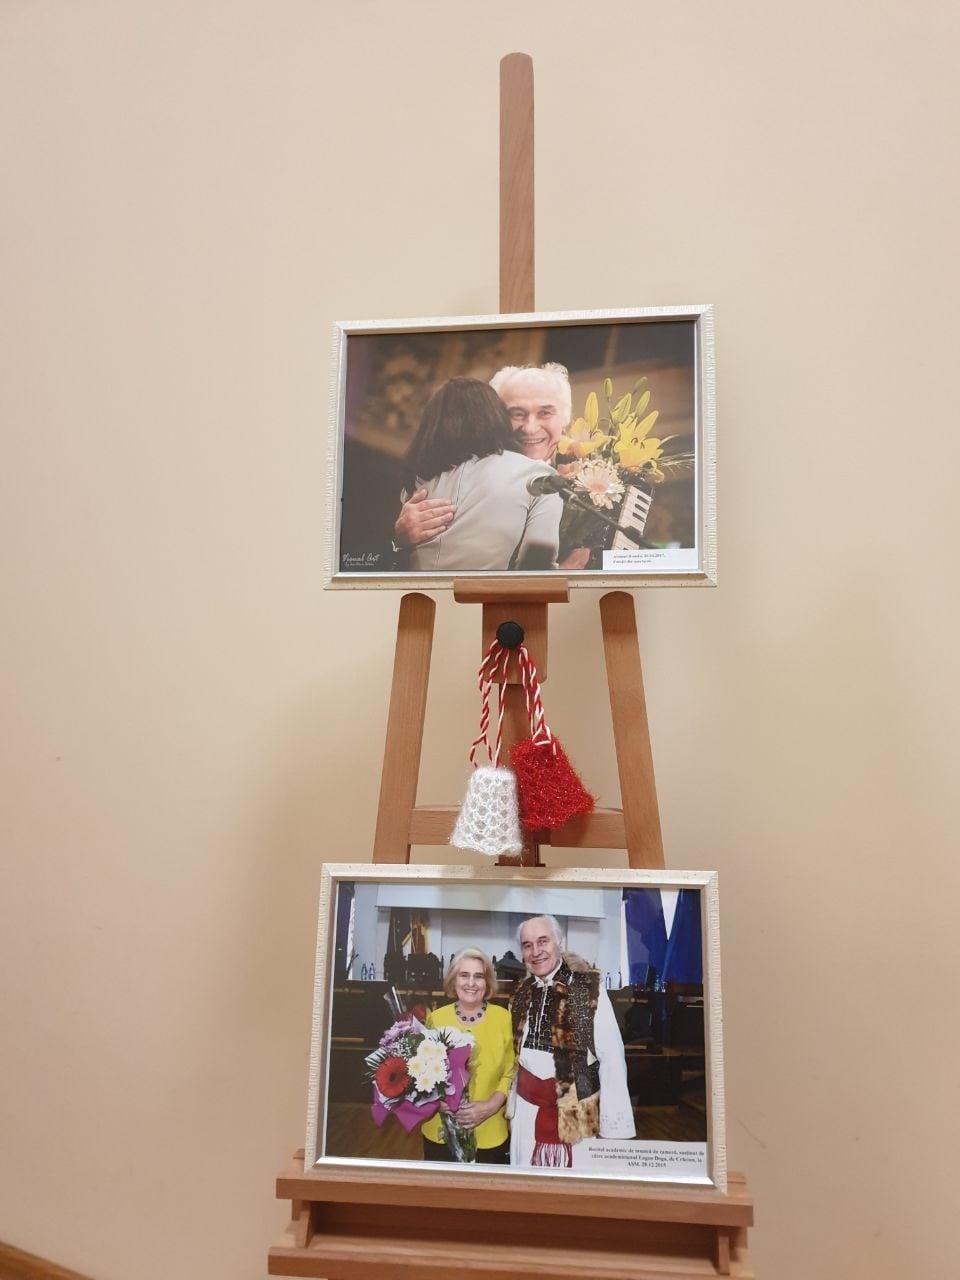 Expoziție fotografică dedicată maestrului Eugen Doga, la 84 de ani (VIDEO)